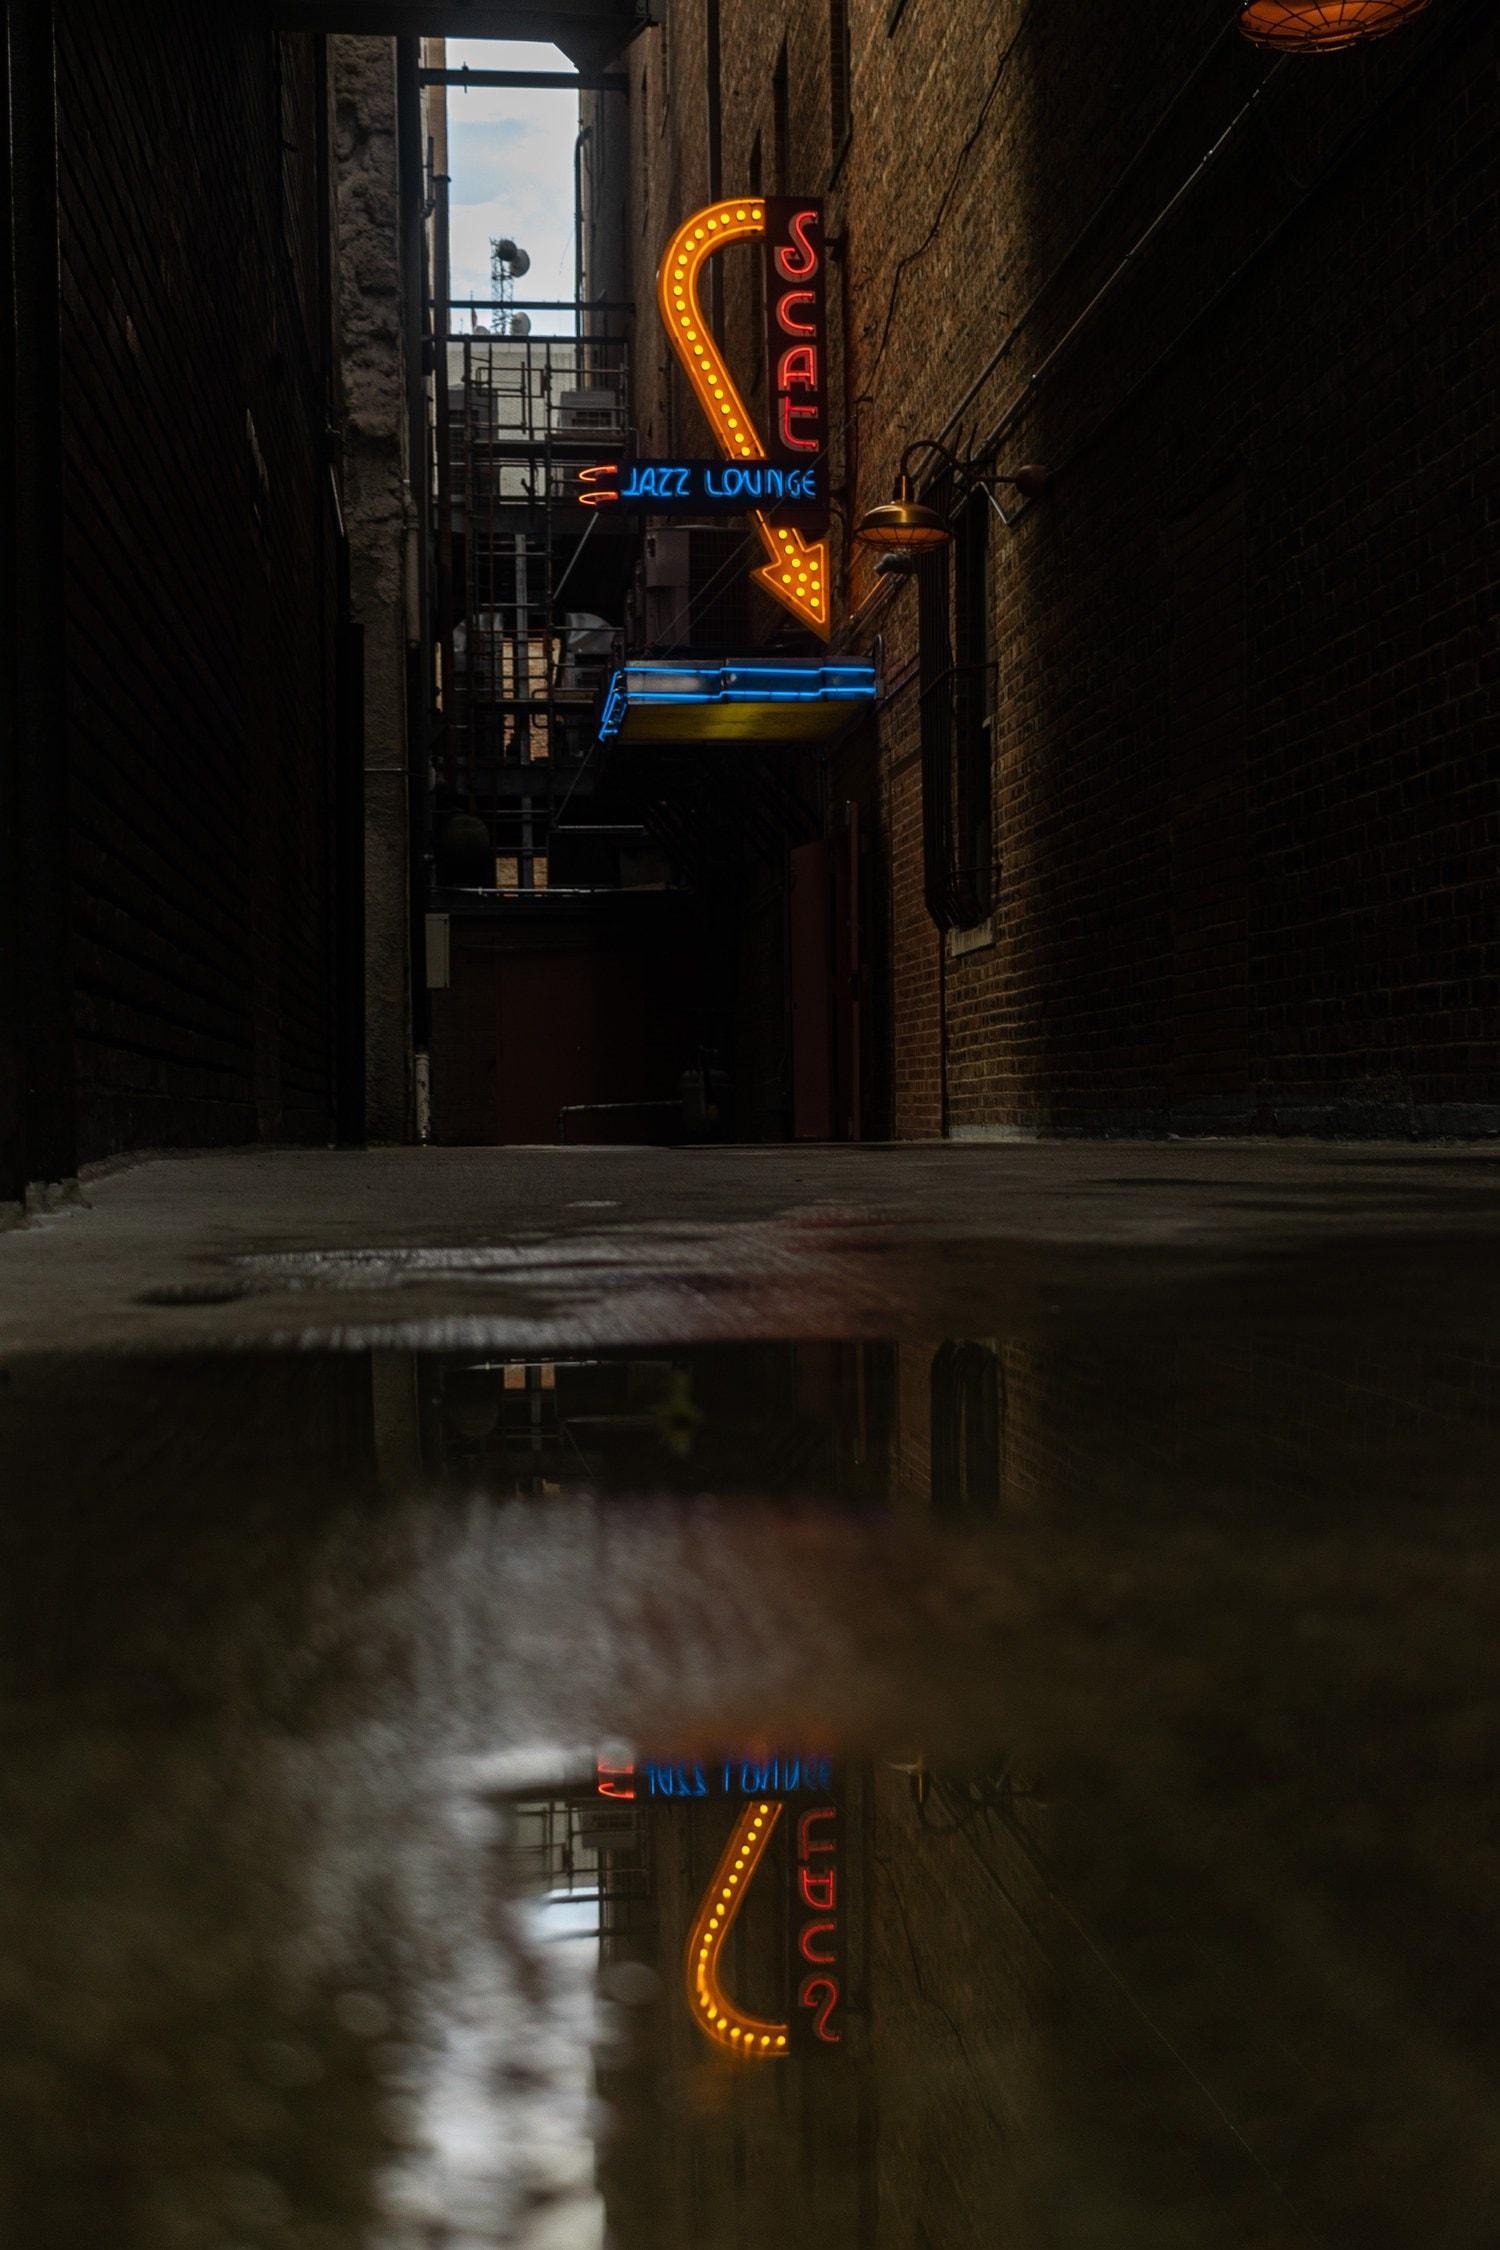 Fotografía de reflejo en charco de un letrero